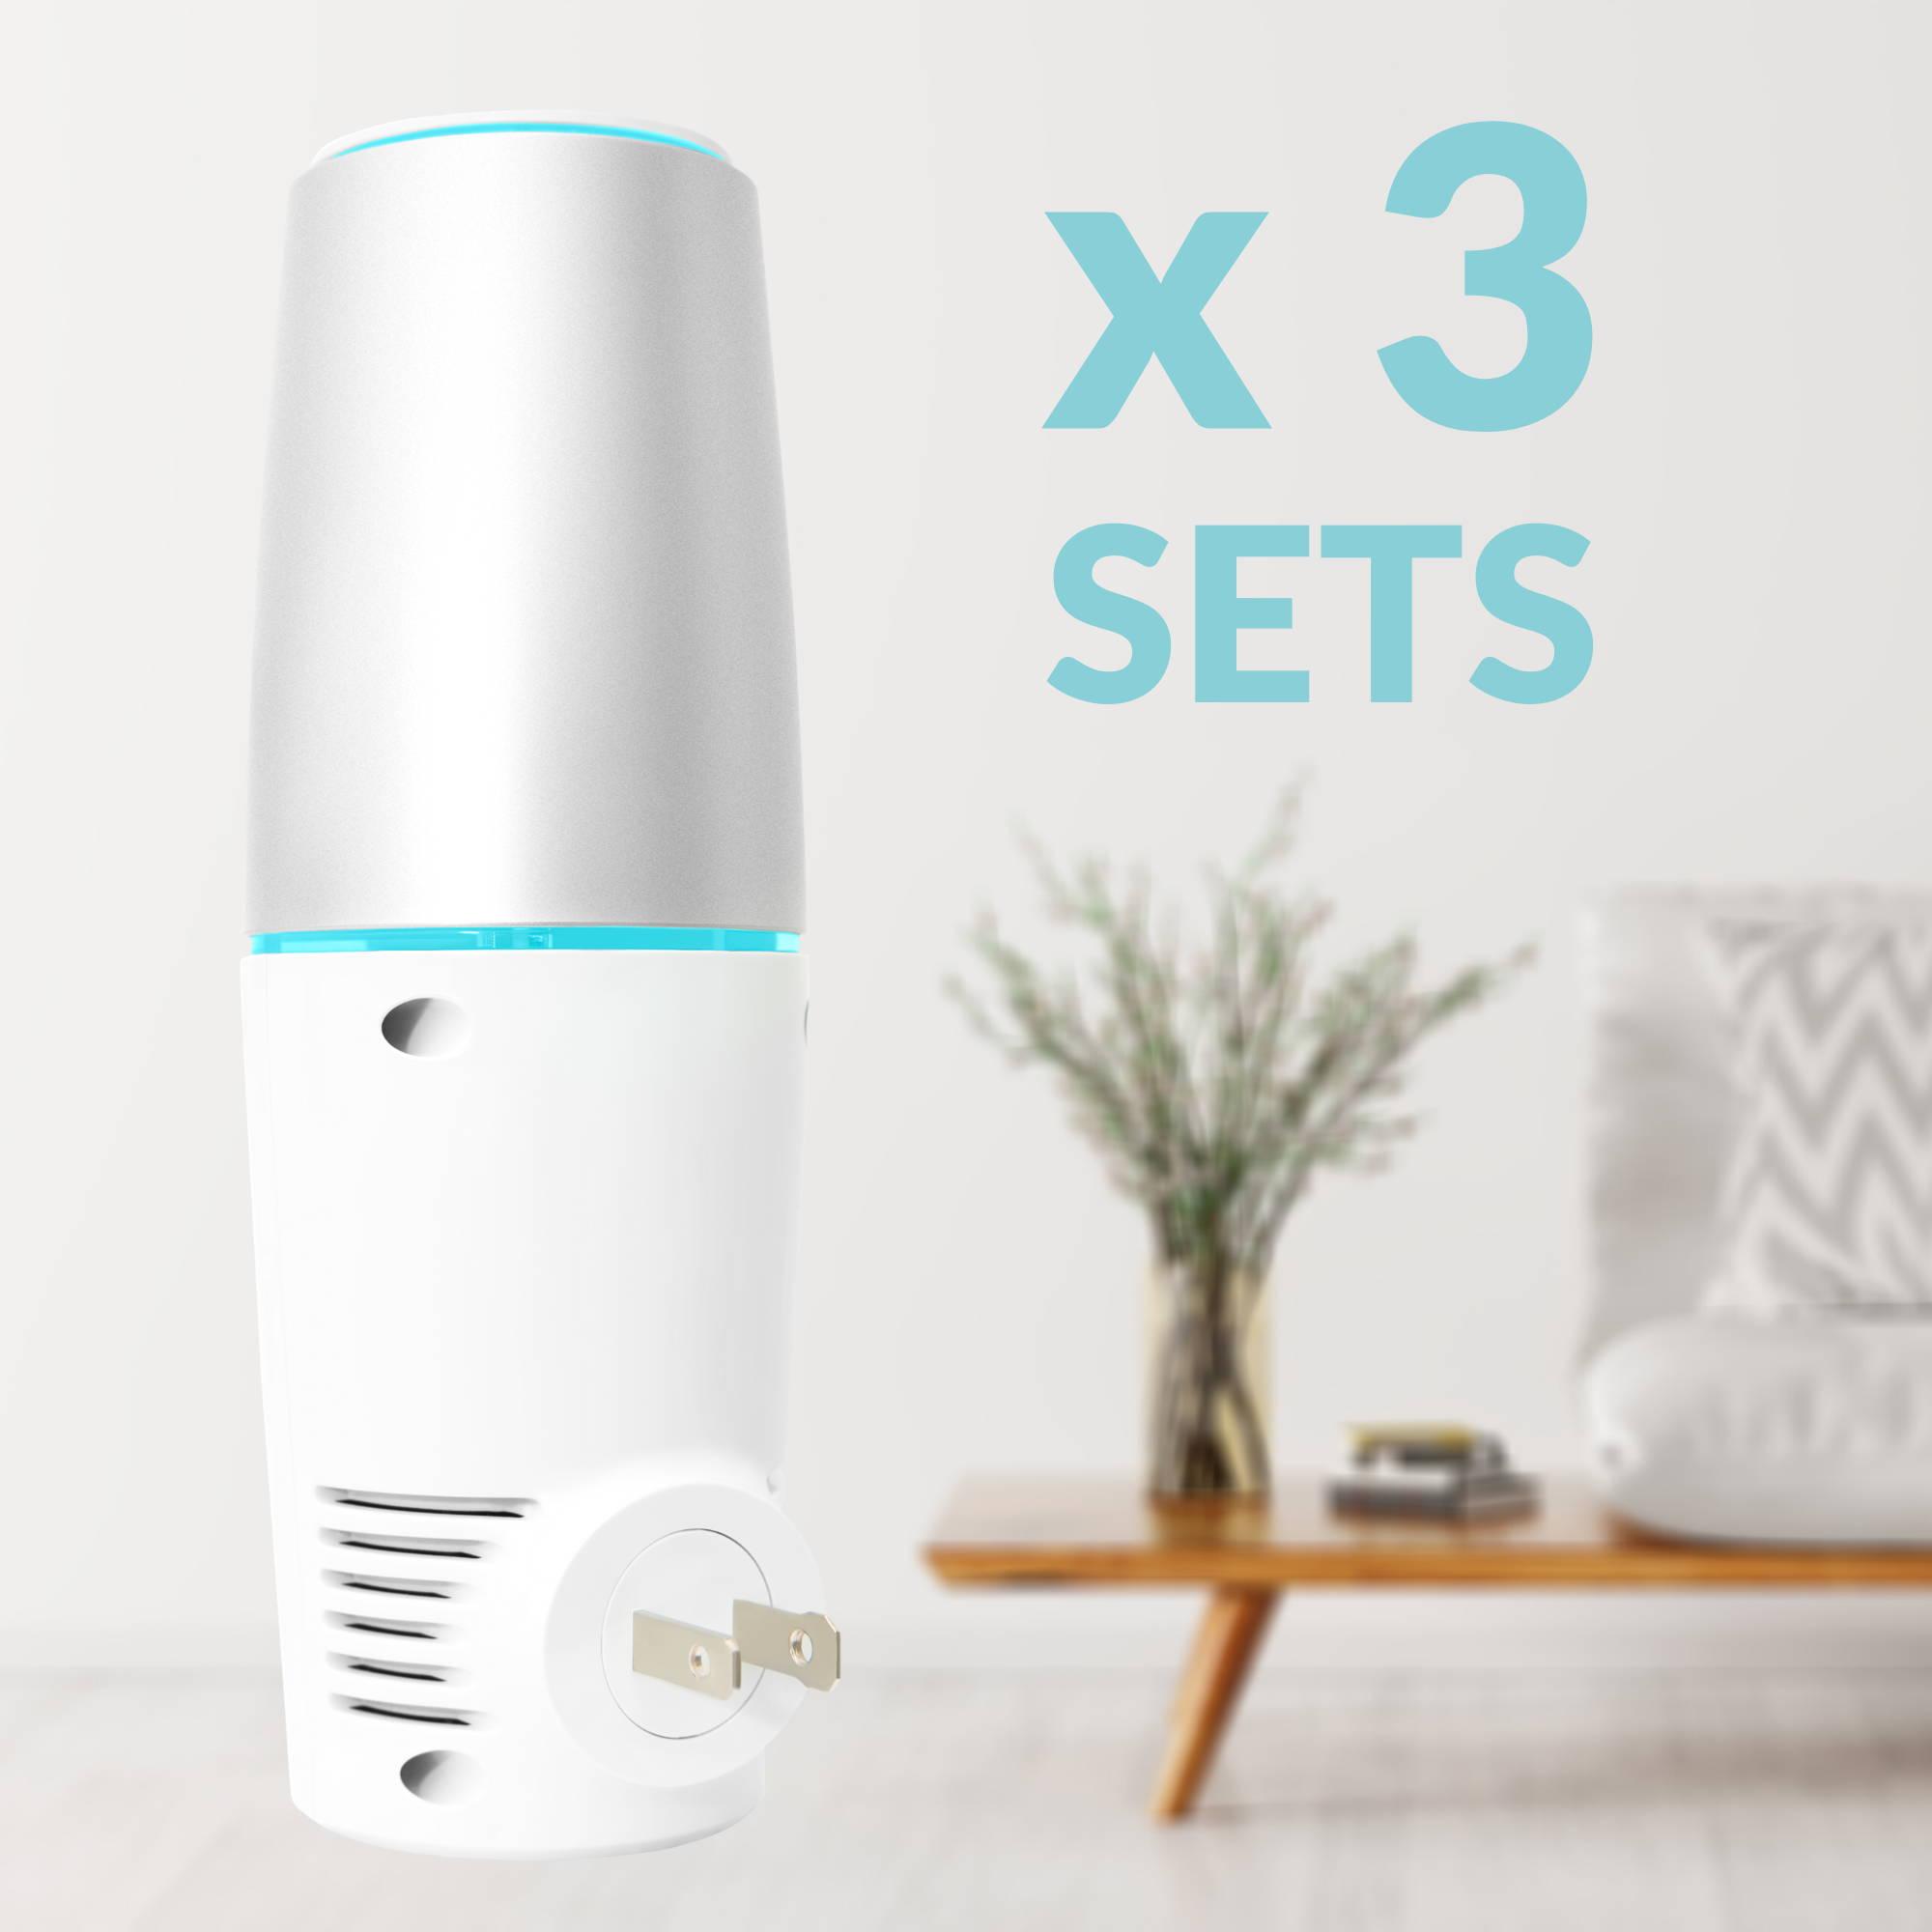 uvc air filter, uv light air filter, uvc light air filter, uv light air sterilizer, air disinfectant purifier